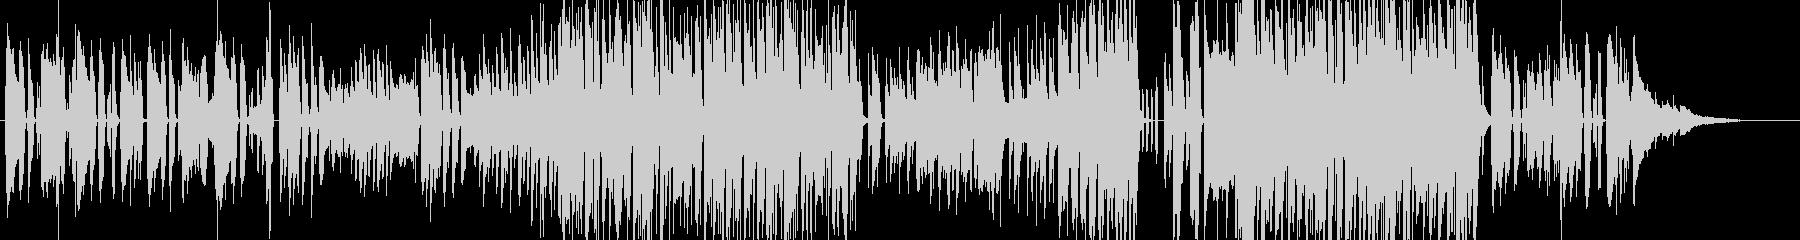 日常的で穏やかな雰囲気のピアノポップの未再生の波形